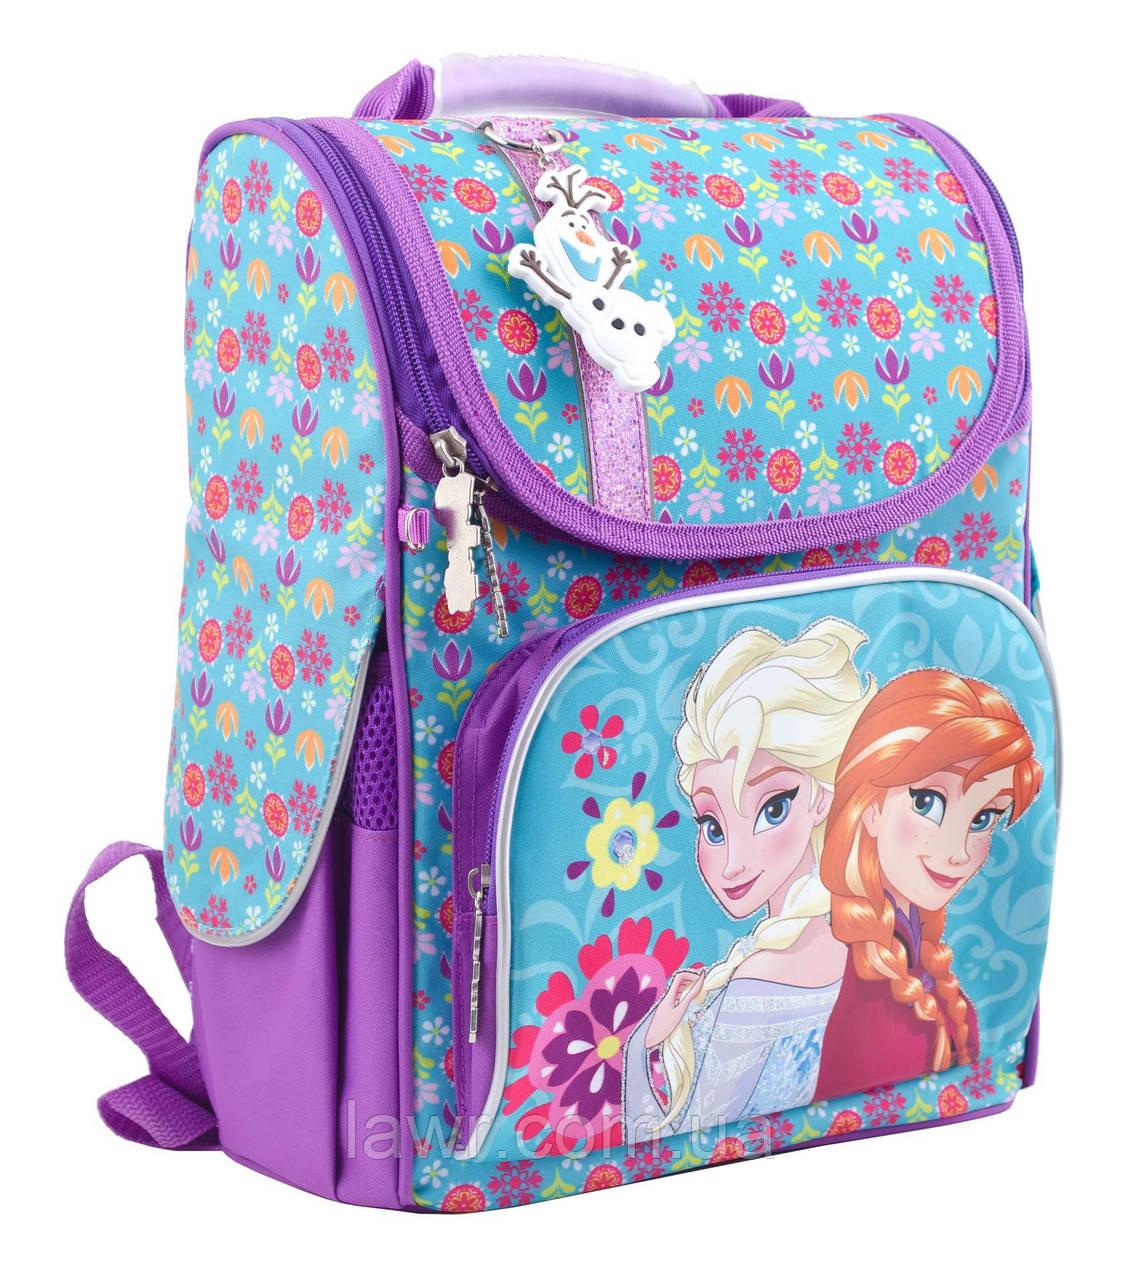 Рюкзаки фирмы 1 вересня выбор туристического рюкзака в омске